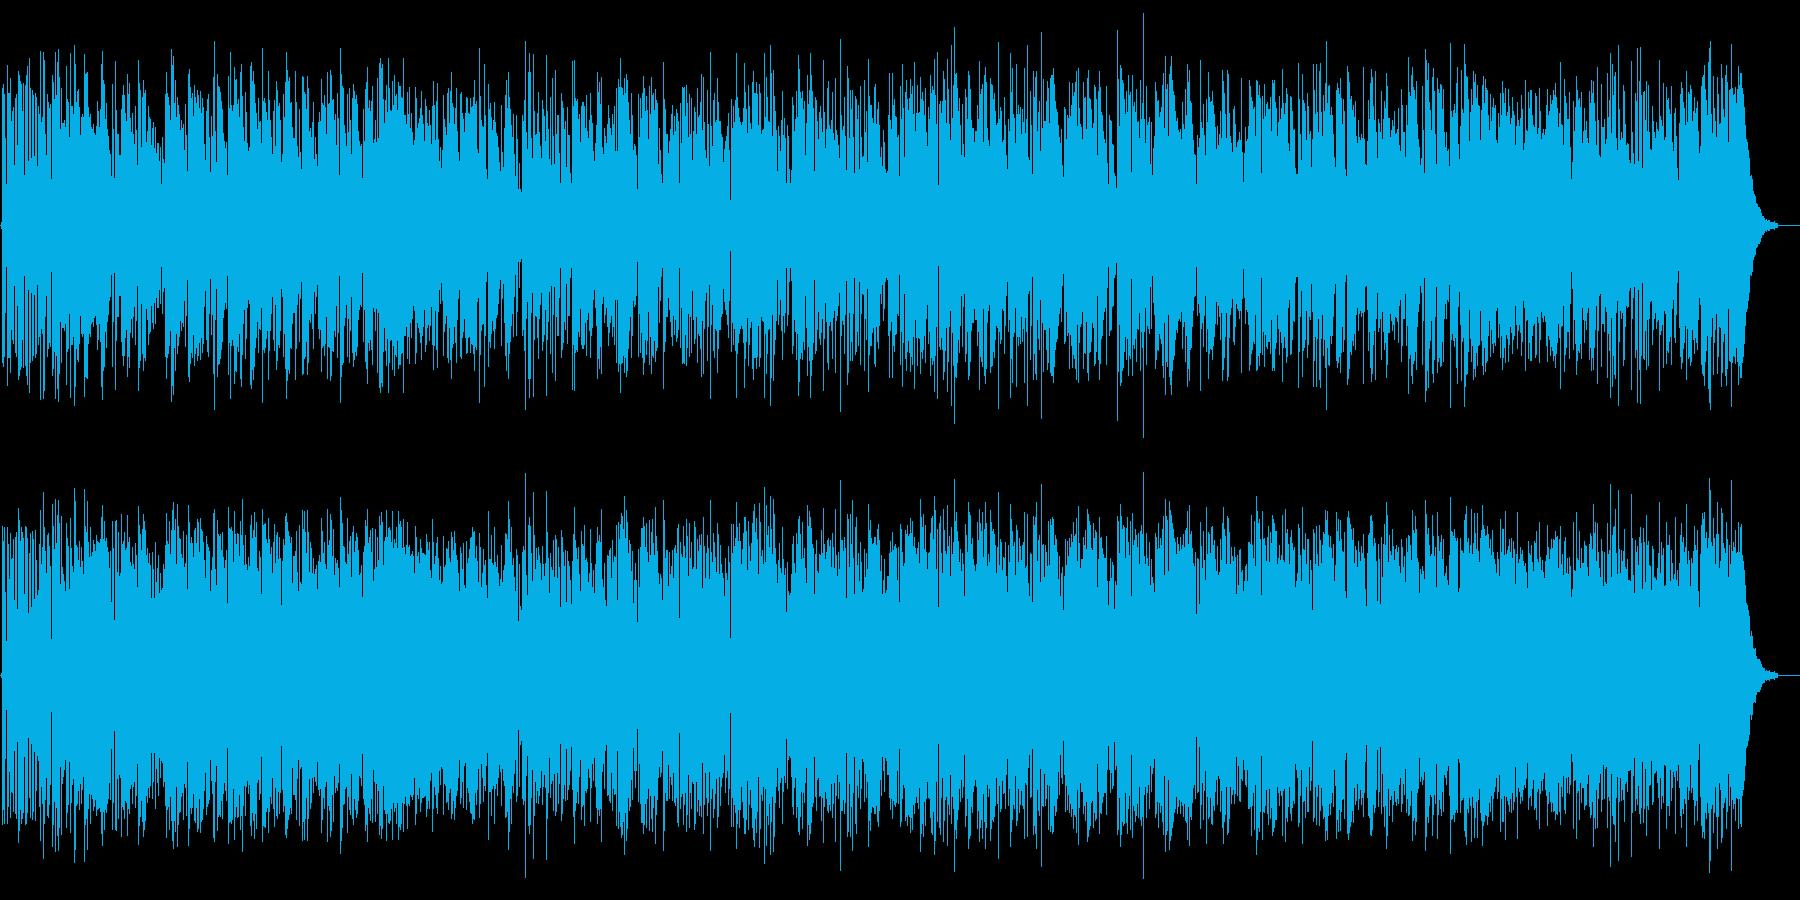 「タイス」の瞑想曲Jazzの再生済みの波形